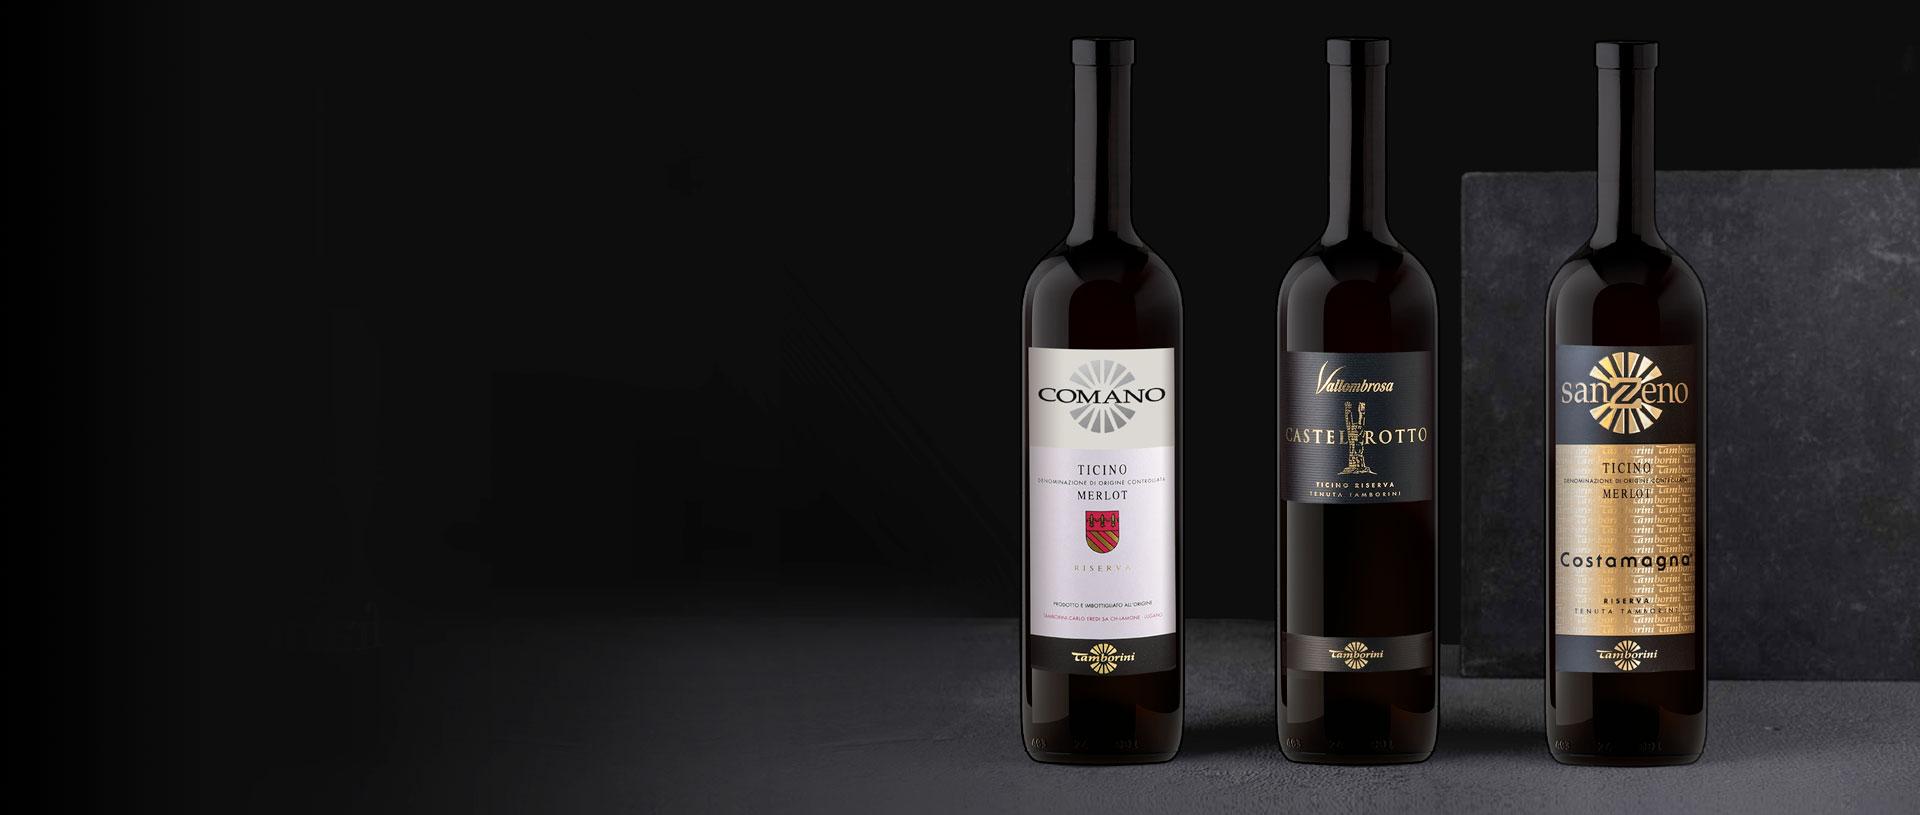 Tamborini Vini The Best